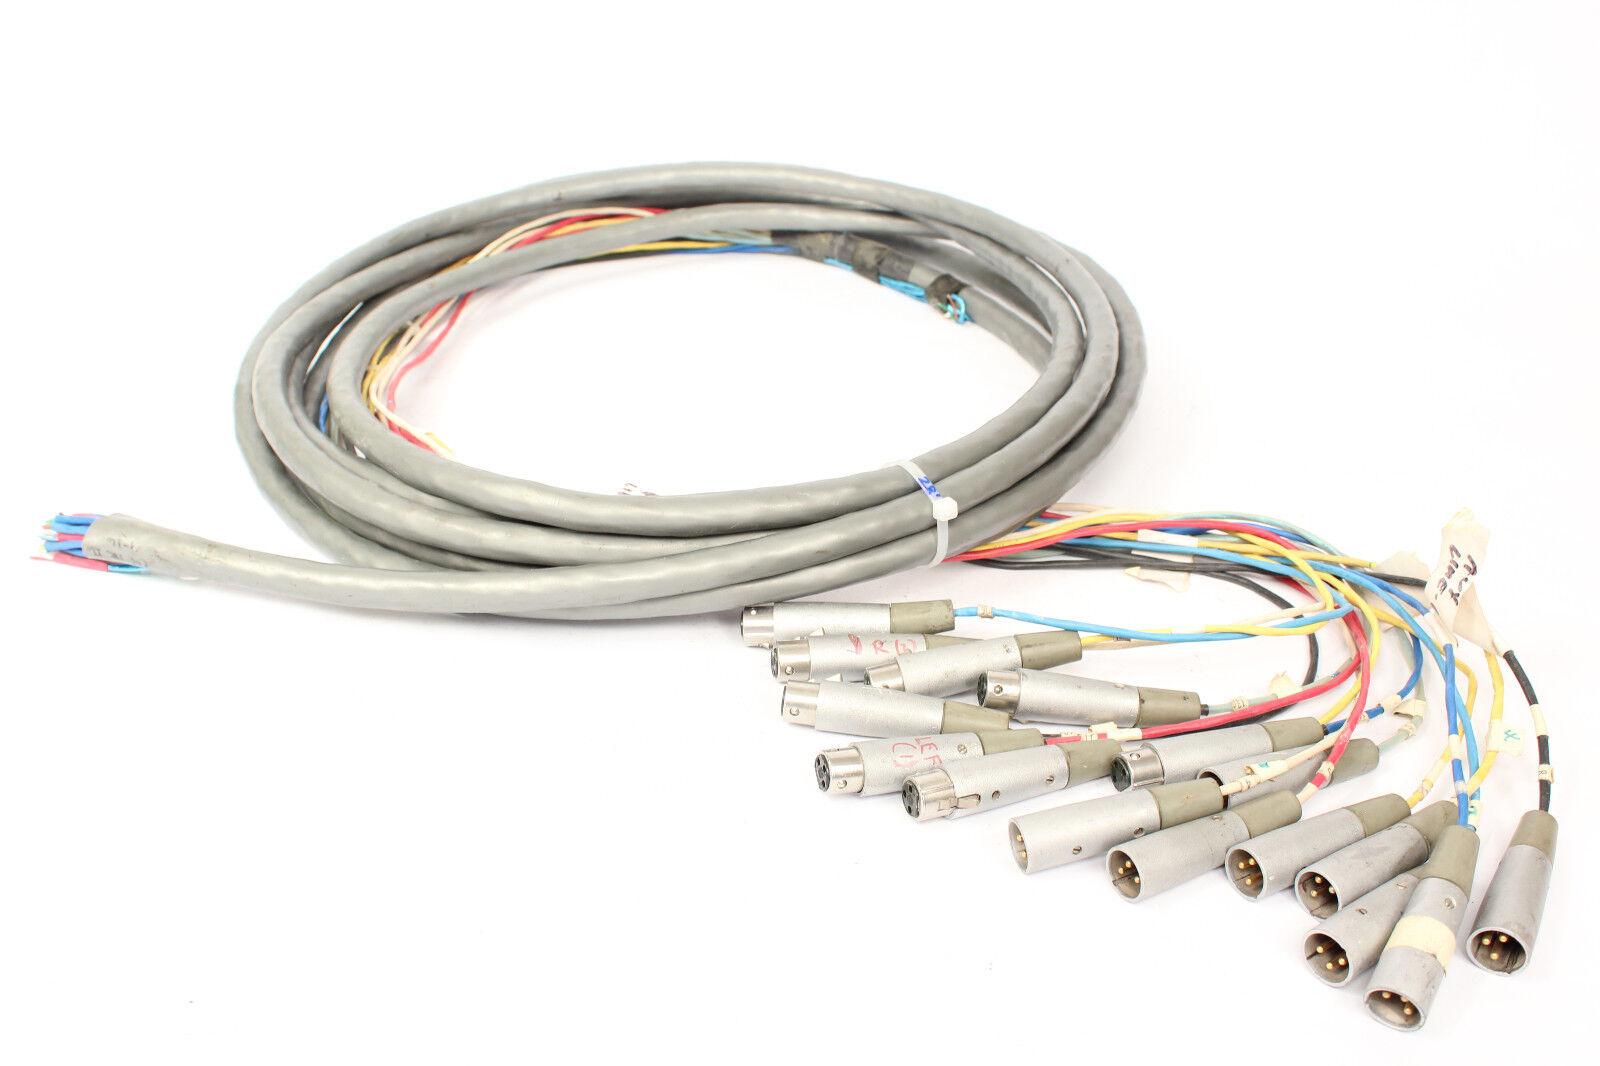 Belden Belden Belden 9769 Serpiente Cable de 17 canales XLRF-XLRM a granel Desnudo inconcluso 28' XLR  varios tamaños